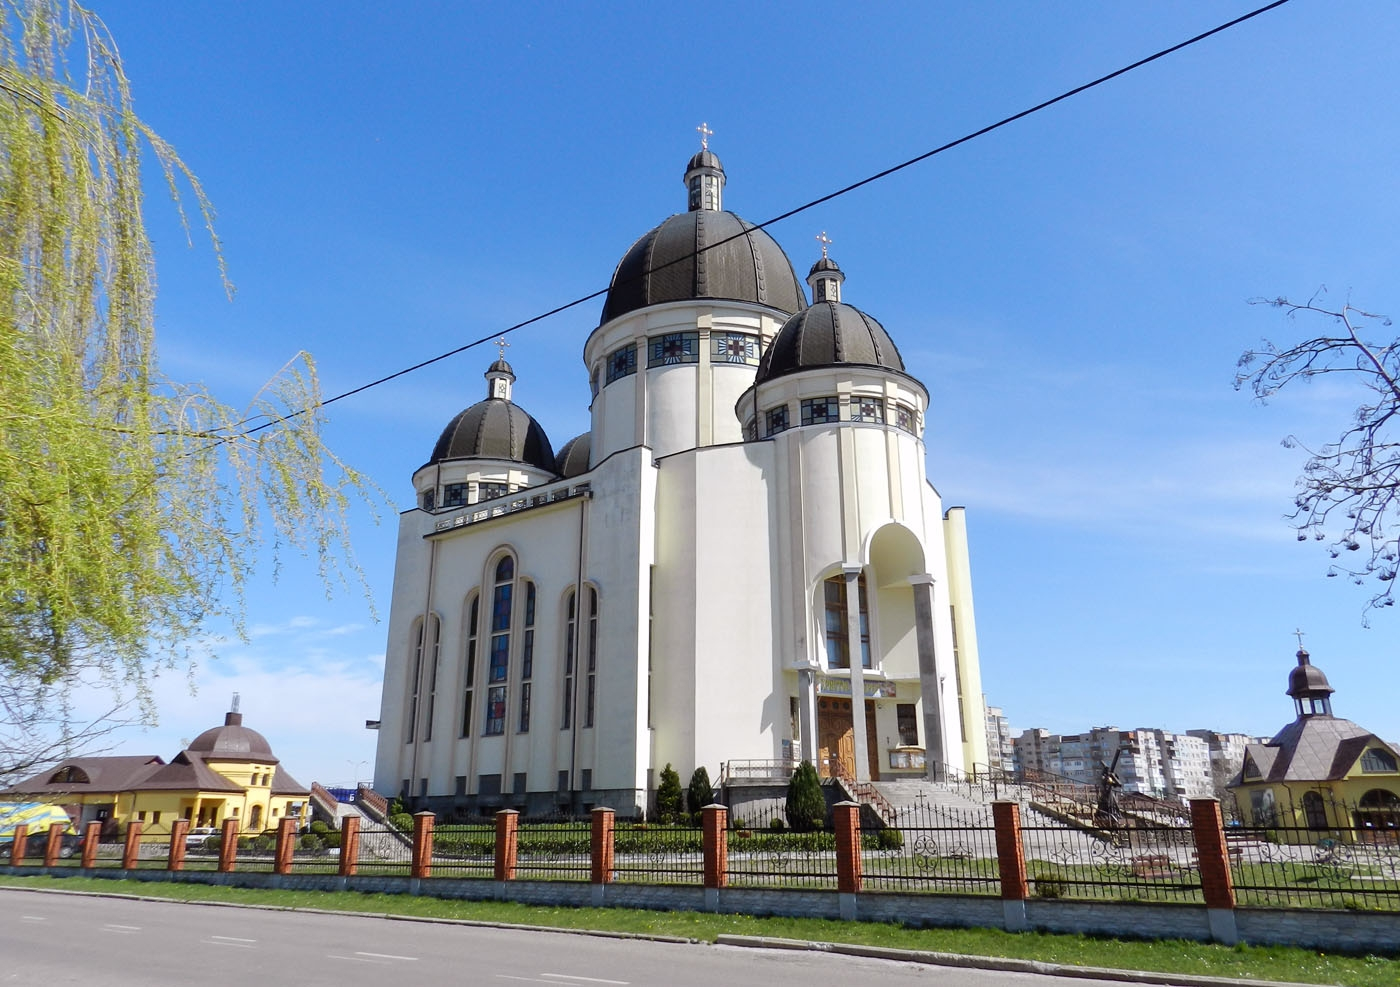 Церква святого Йосафата – один з найбільших храмів Західної України